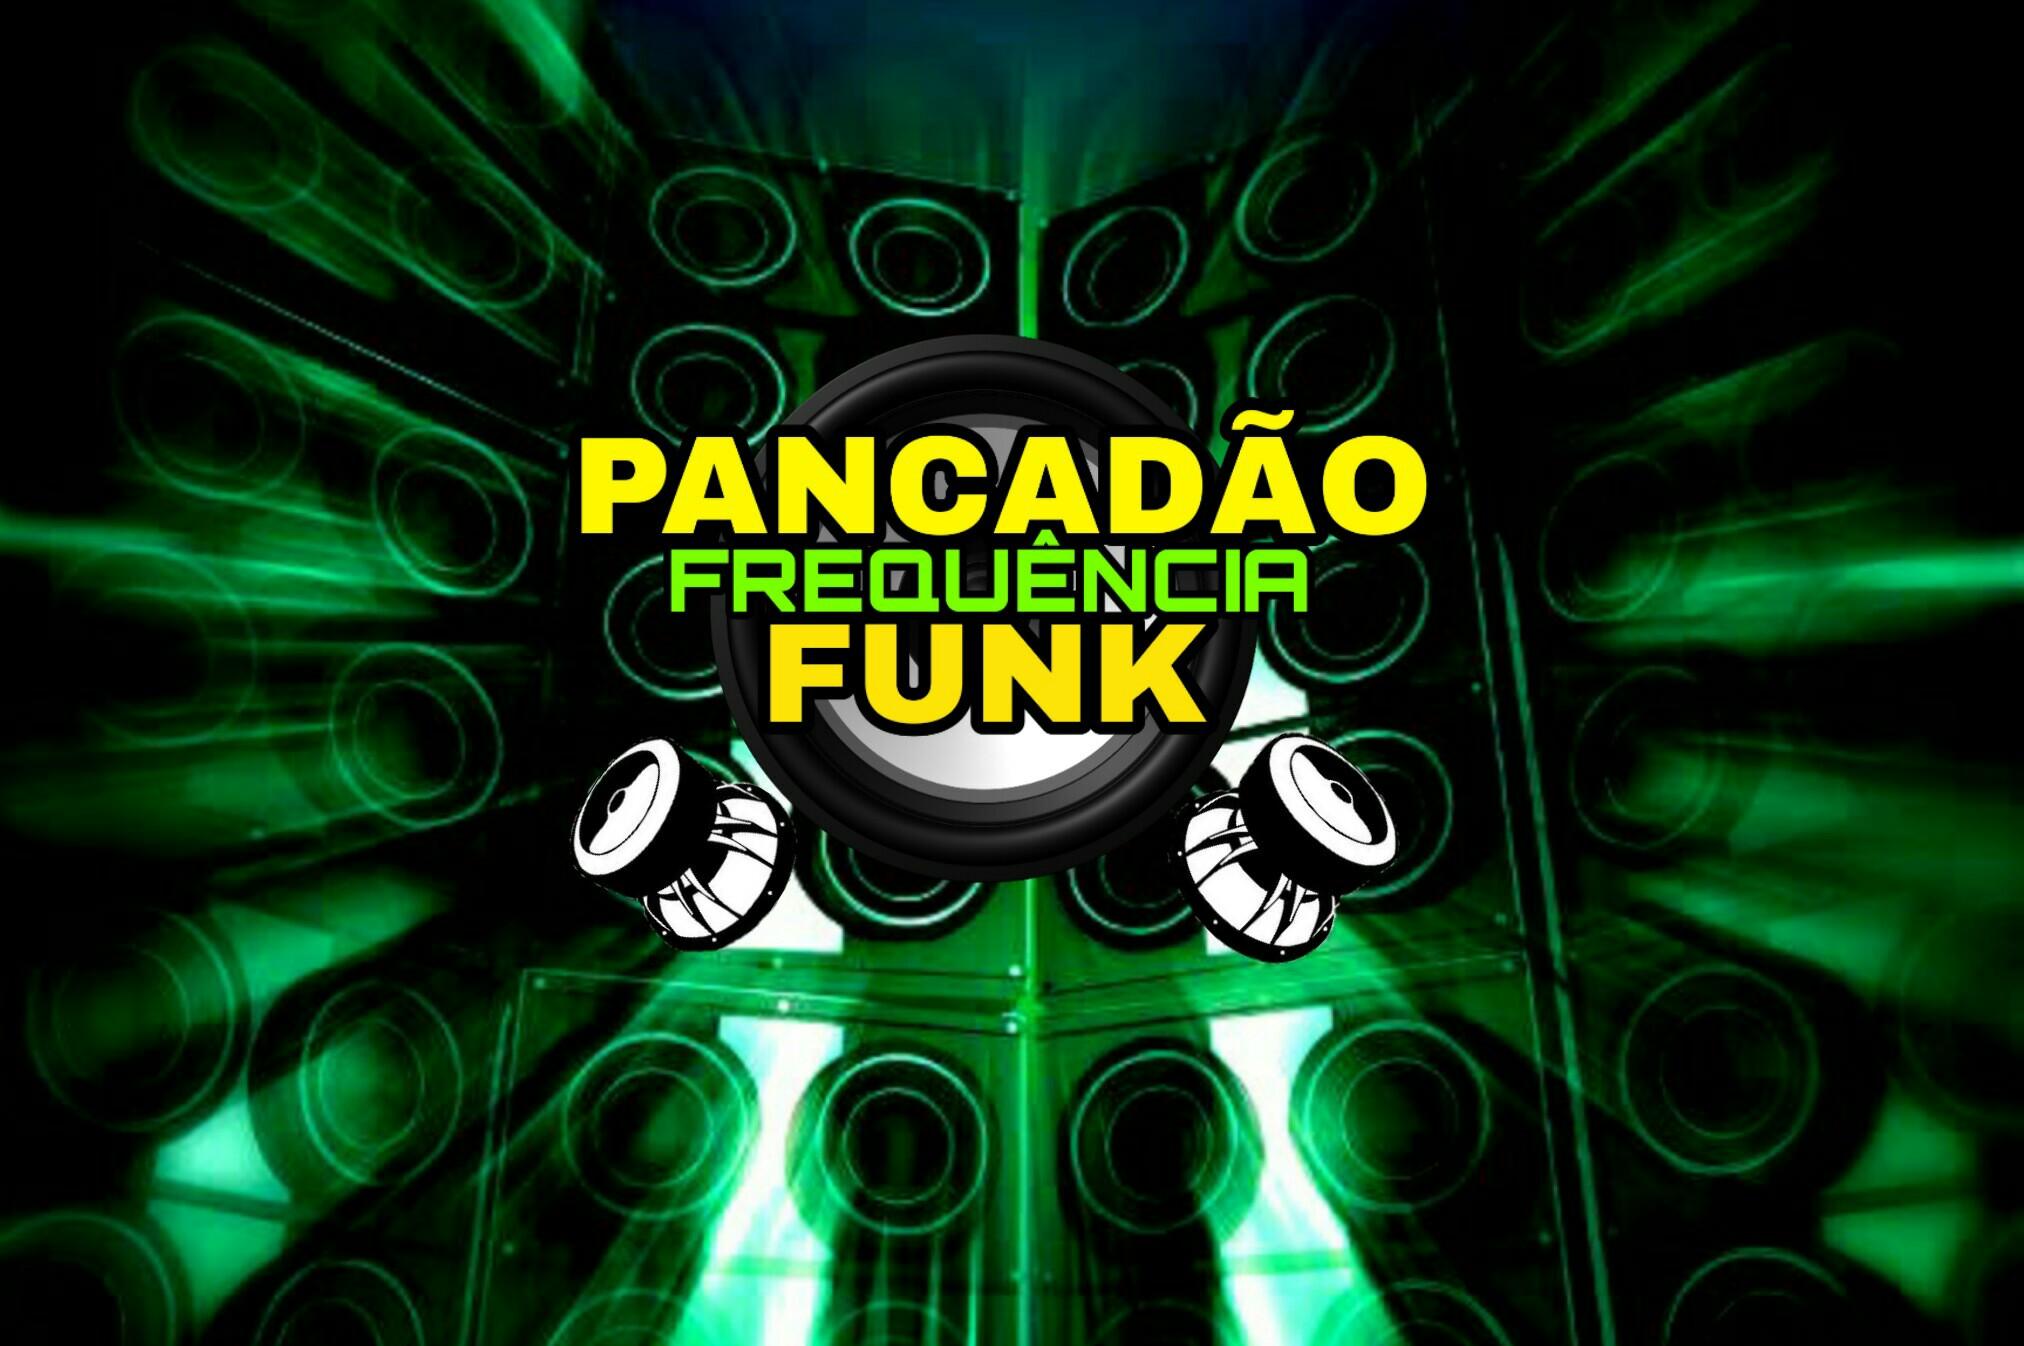 Pancadão Frequência Funk